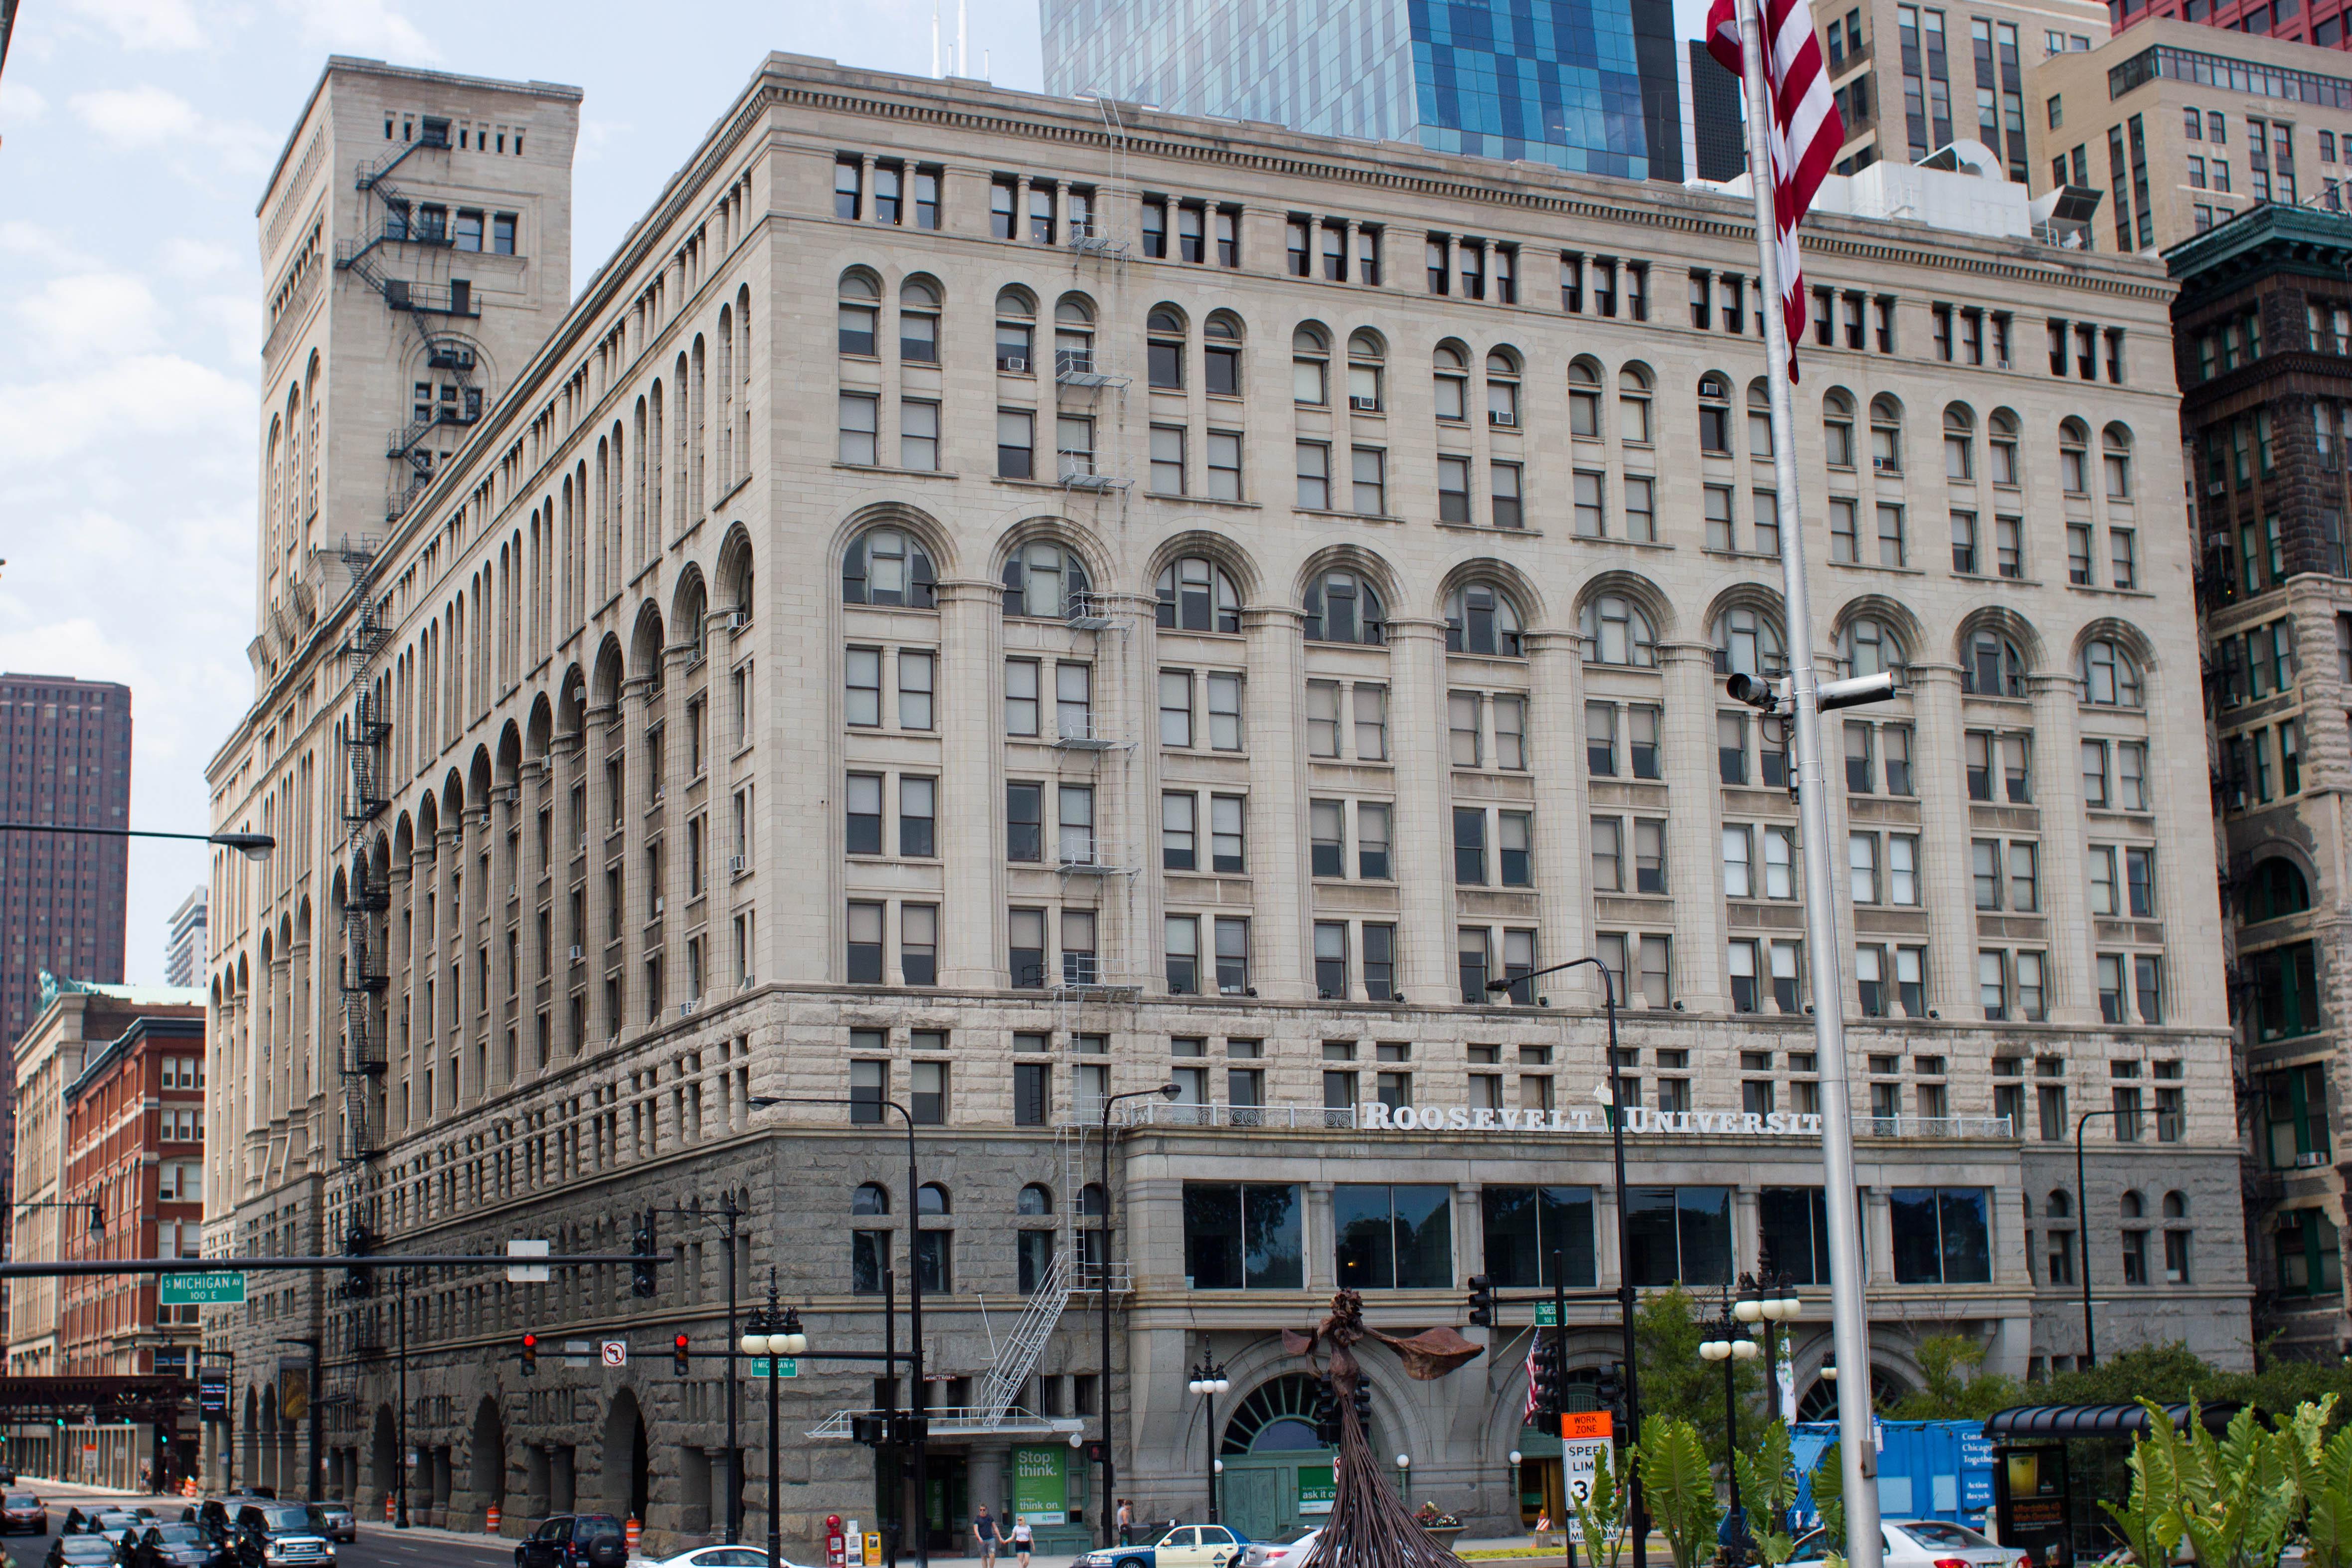 Auditorium_Building_Chicago 2